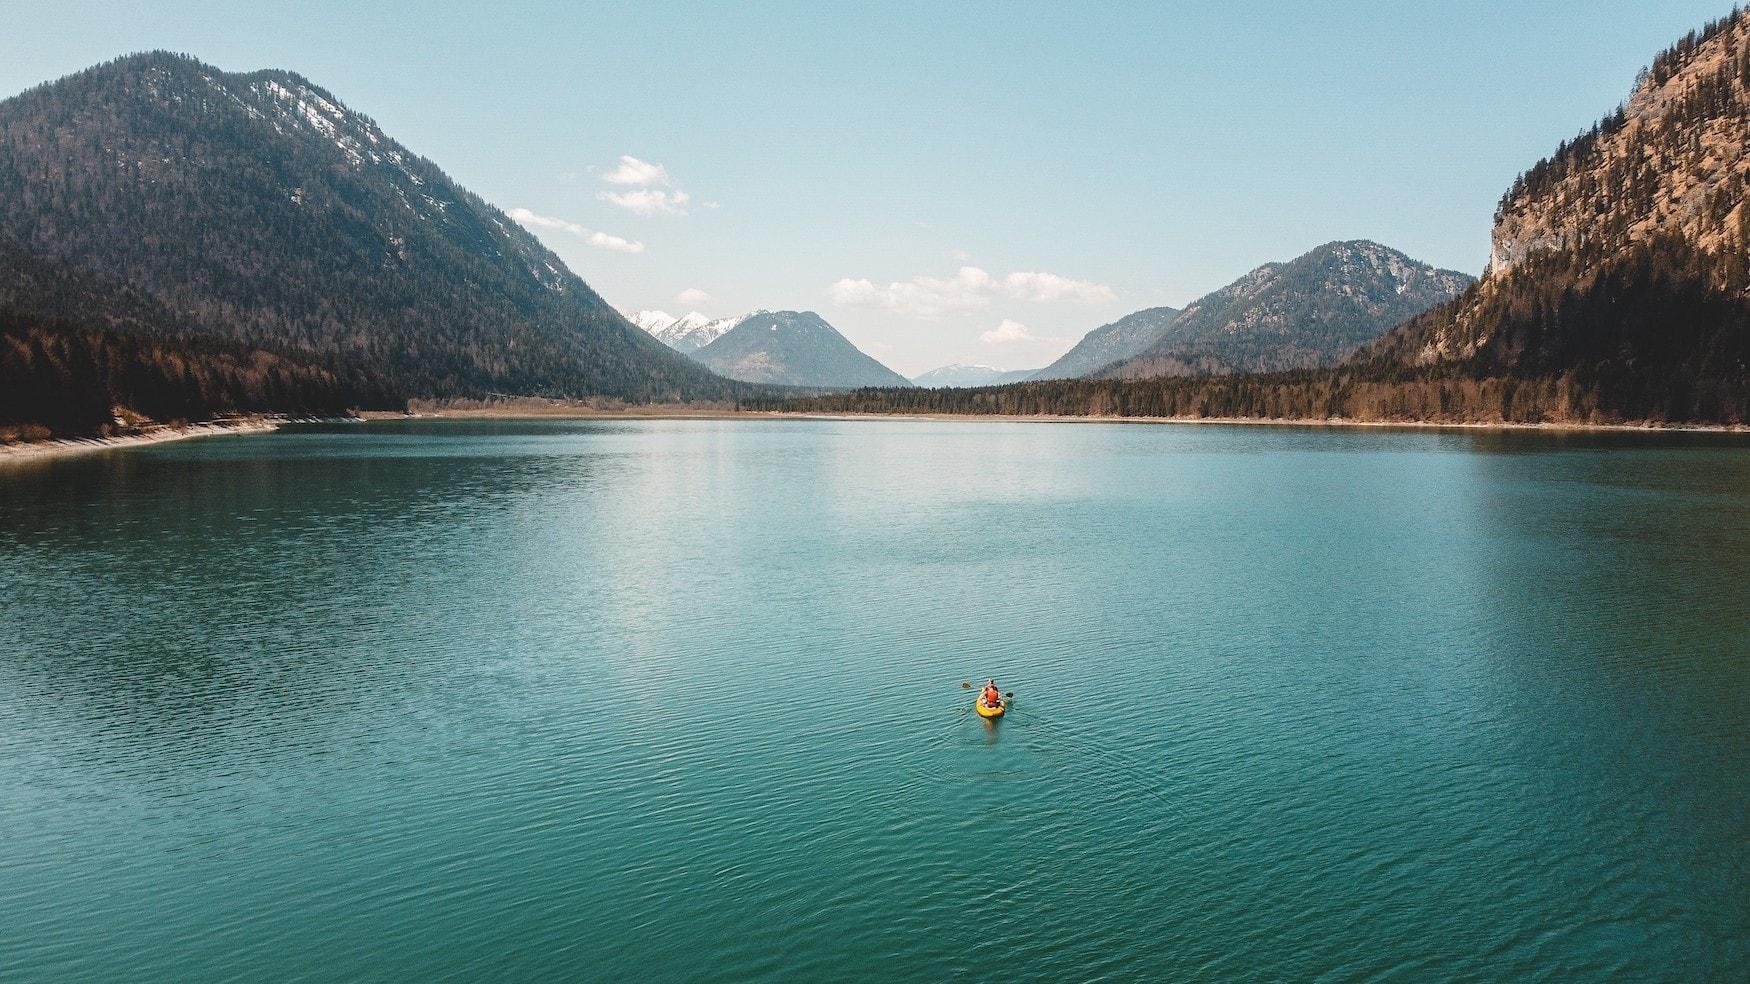 Frau ist in Kayak auf einem See in Deutschland vor Bergkulisse